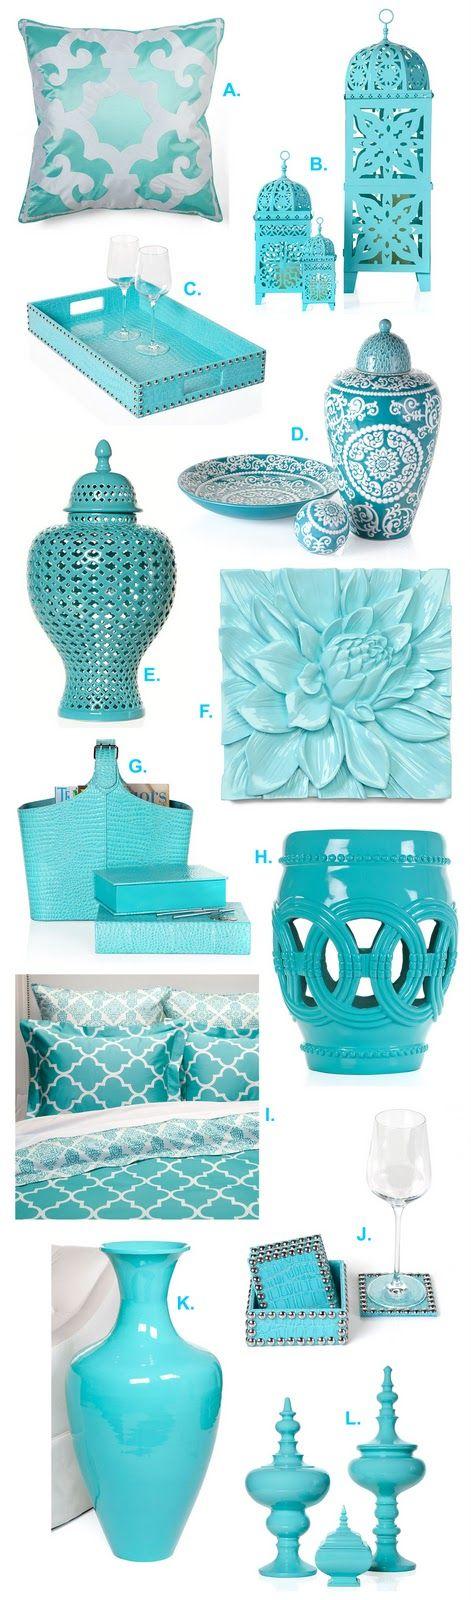 31 accesorios para decoracion de interiores color turquesa for Accesorios para decoracion de interiores